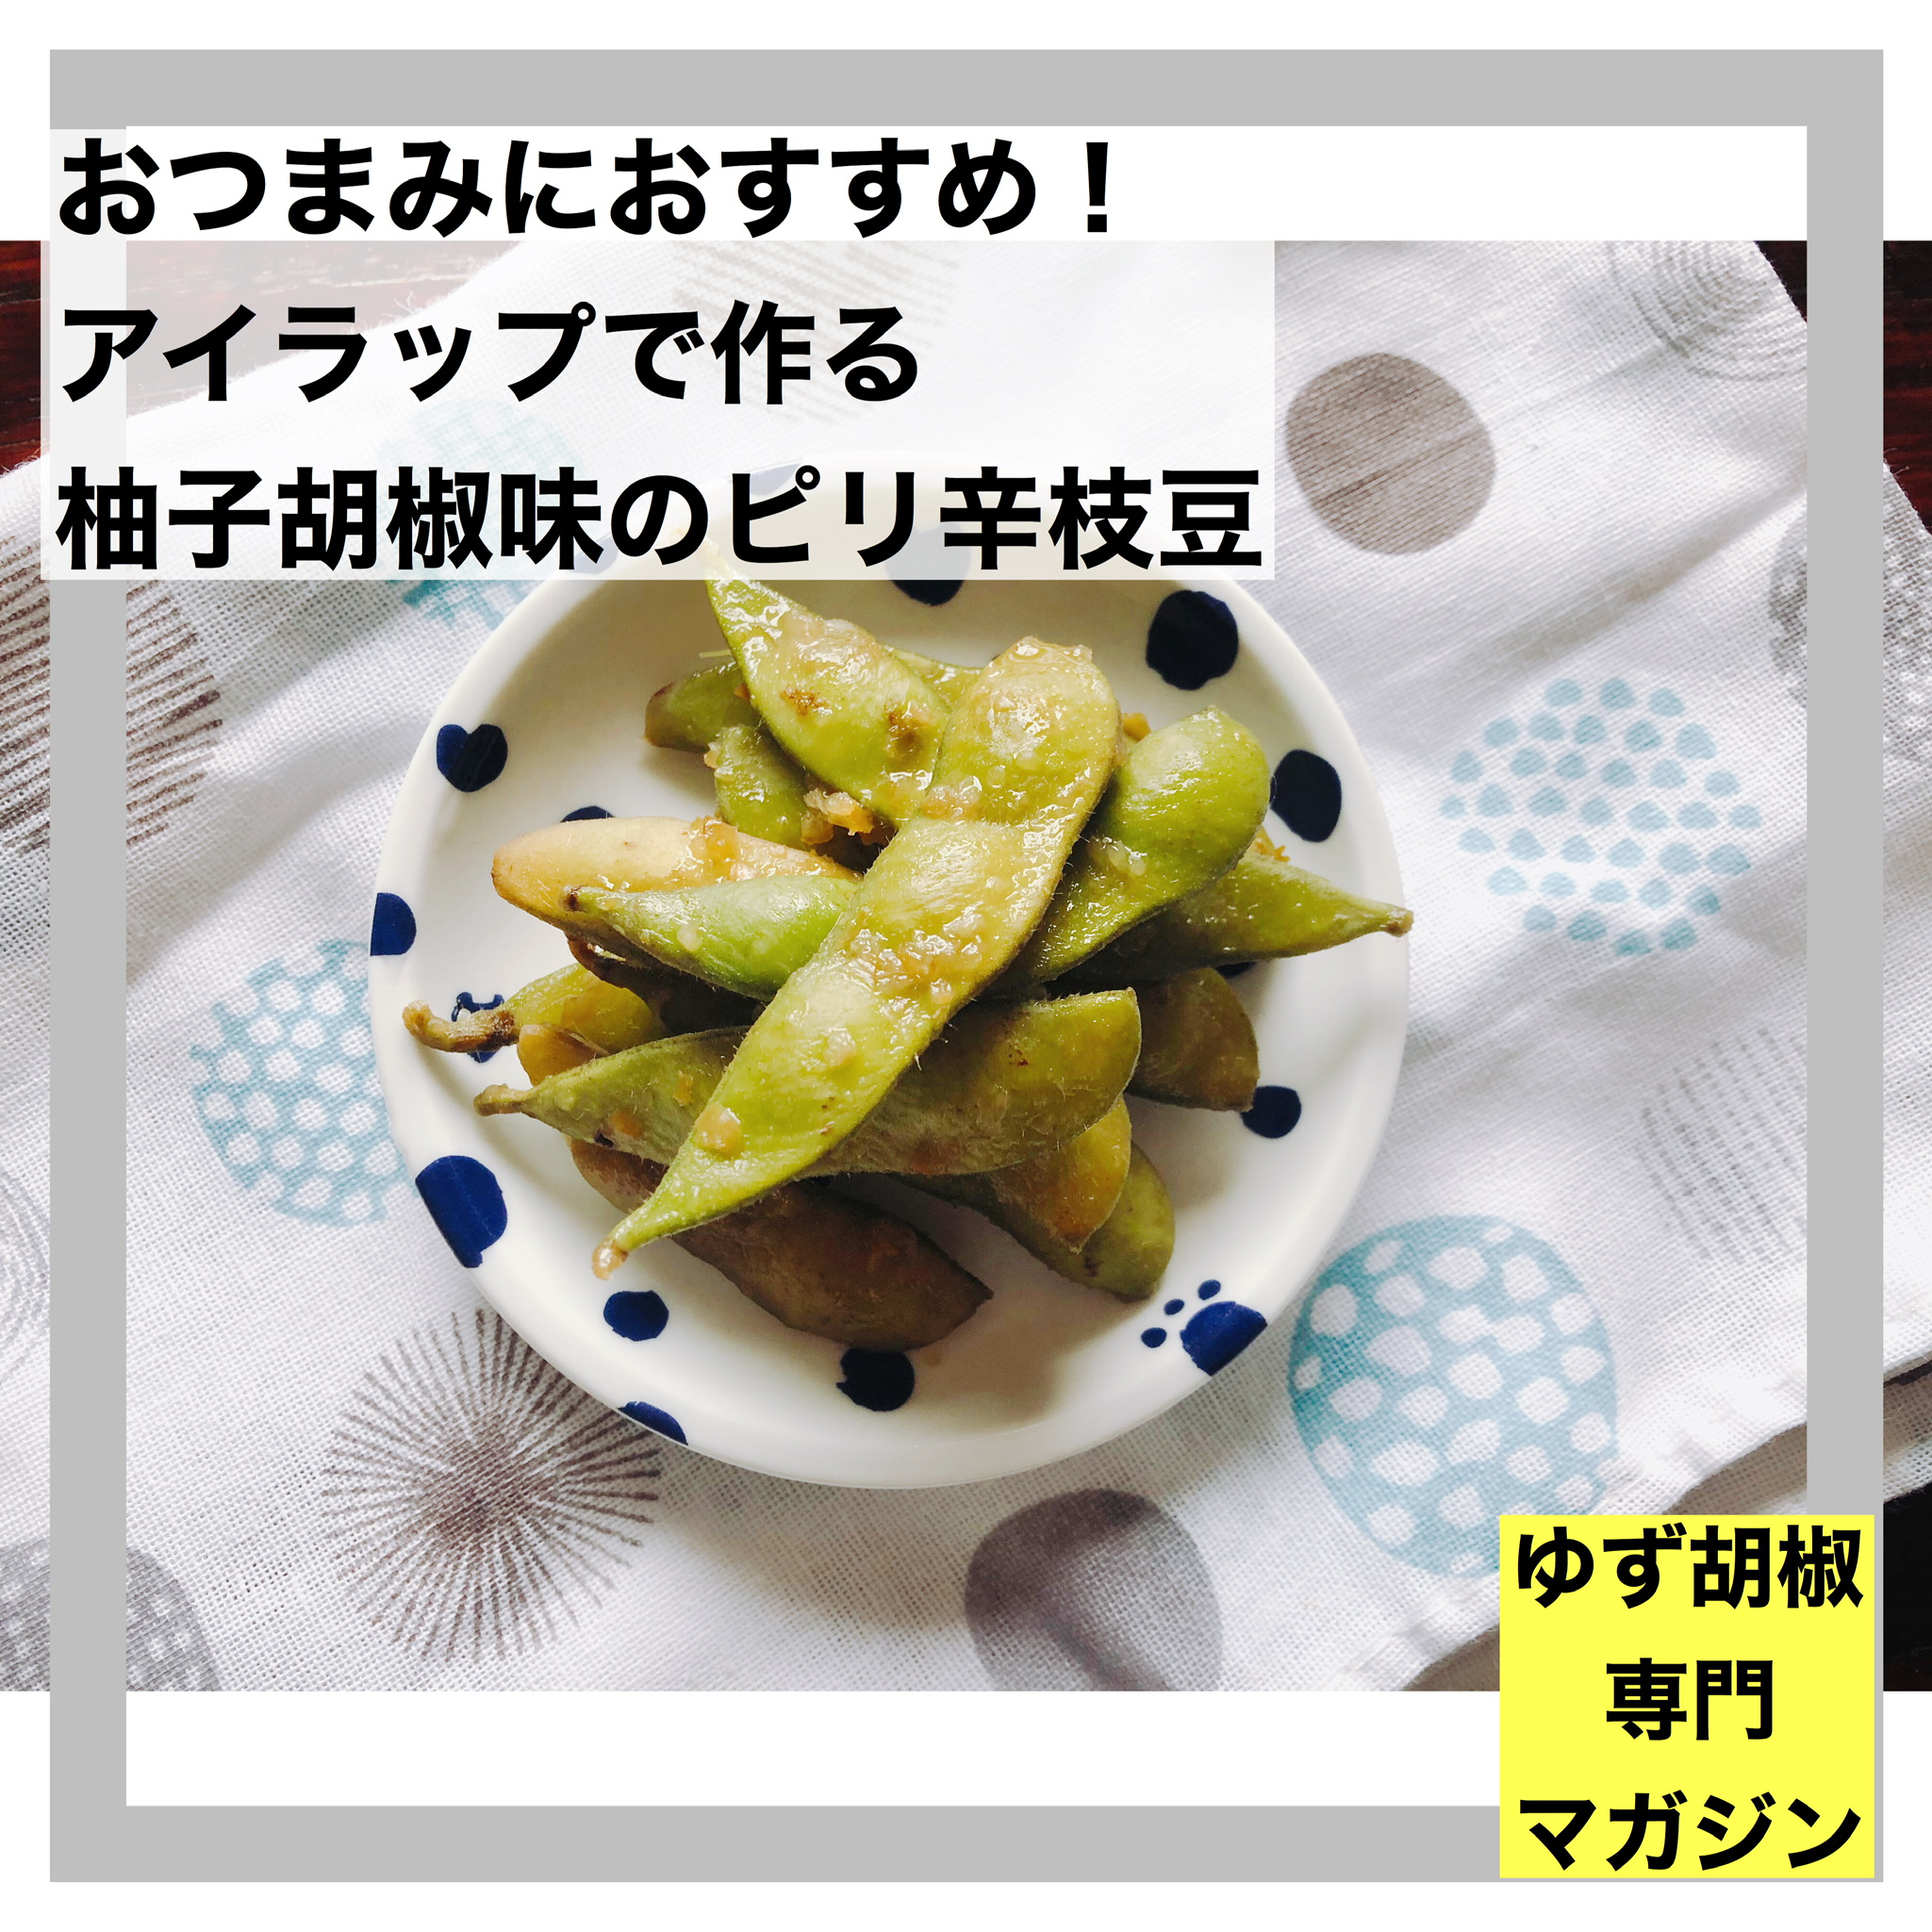 柚子 胡椒 おすすめ